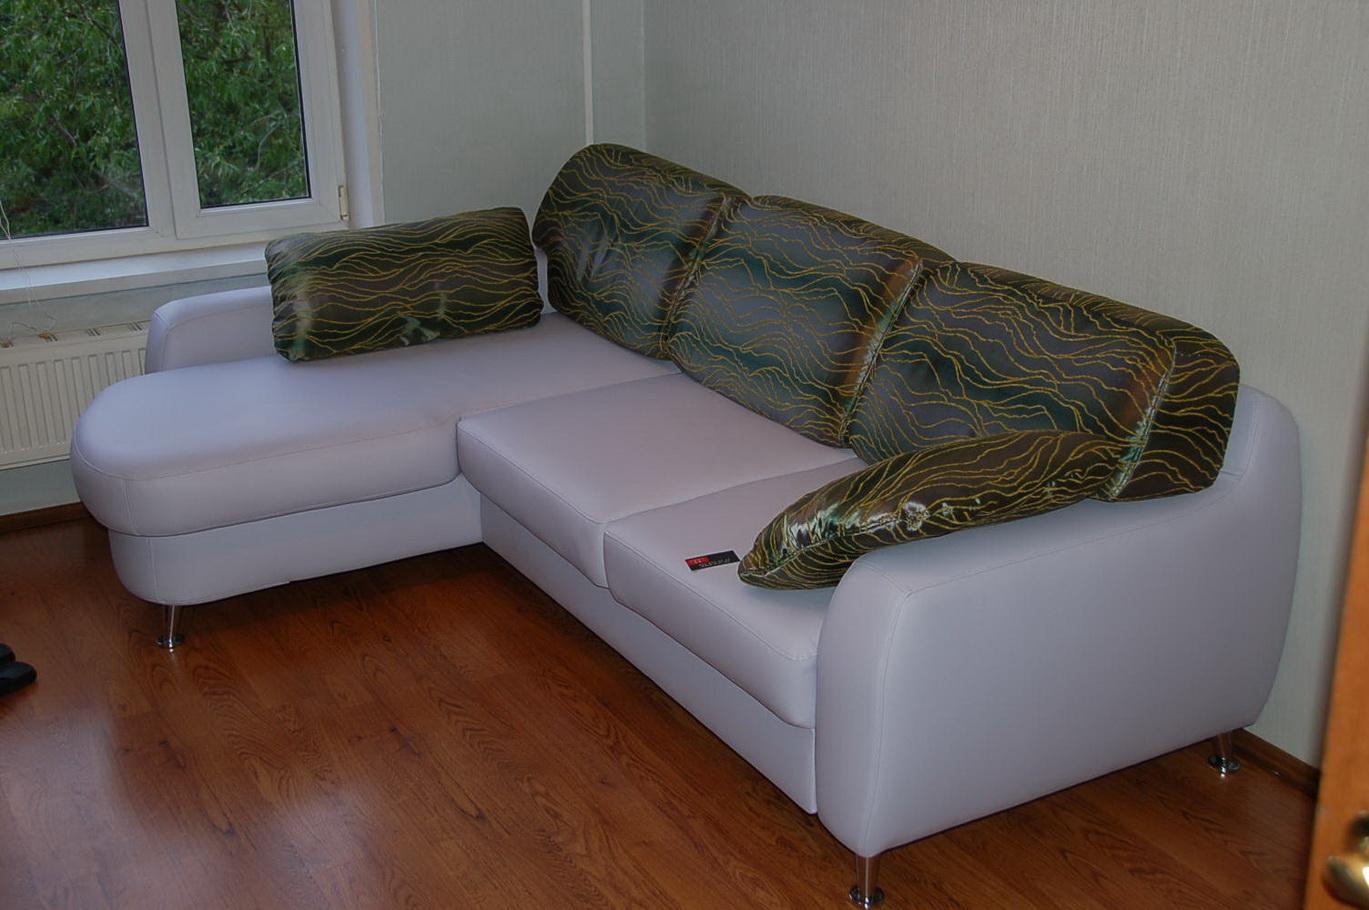 Как обшить диван кожзамом своими